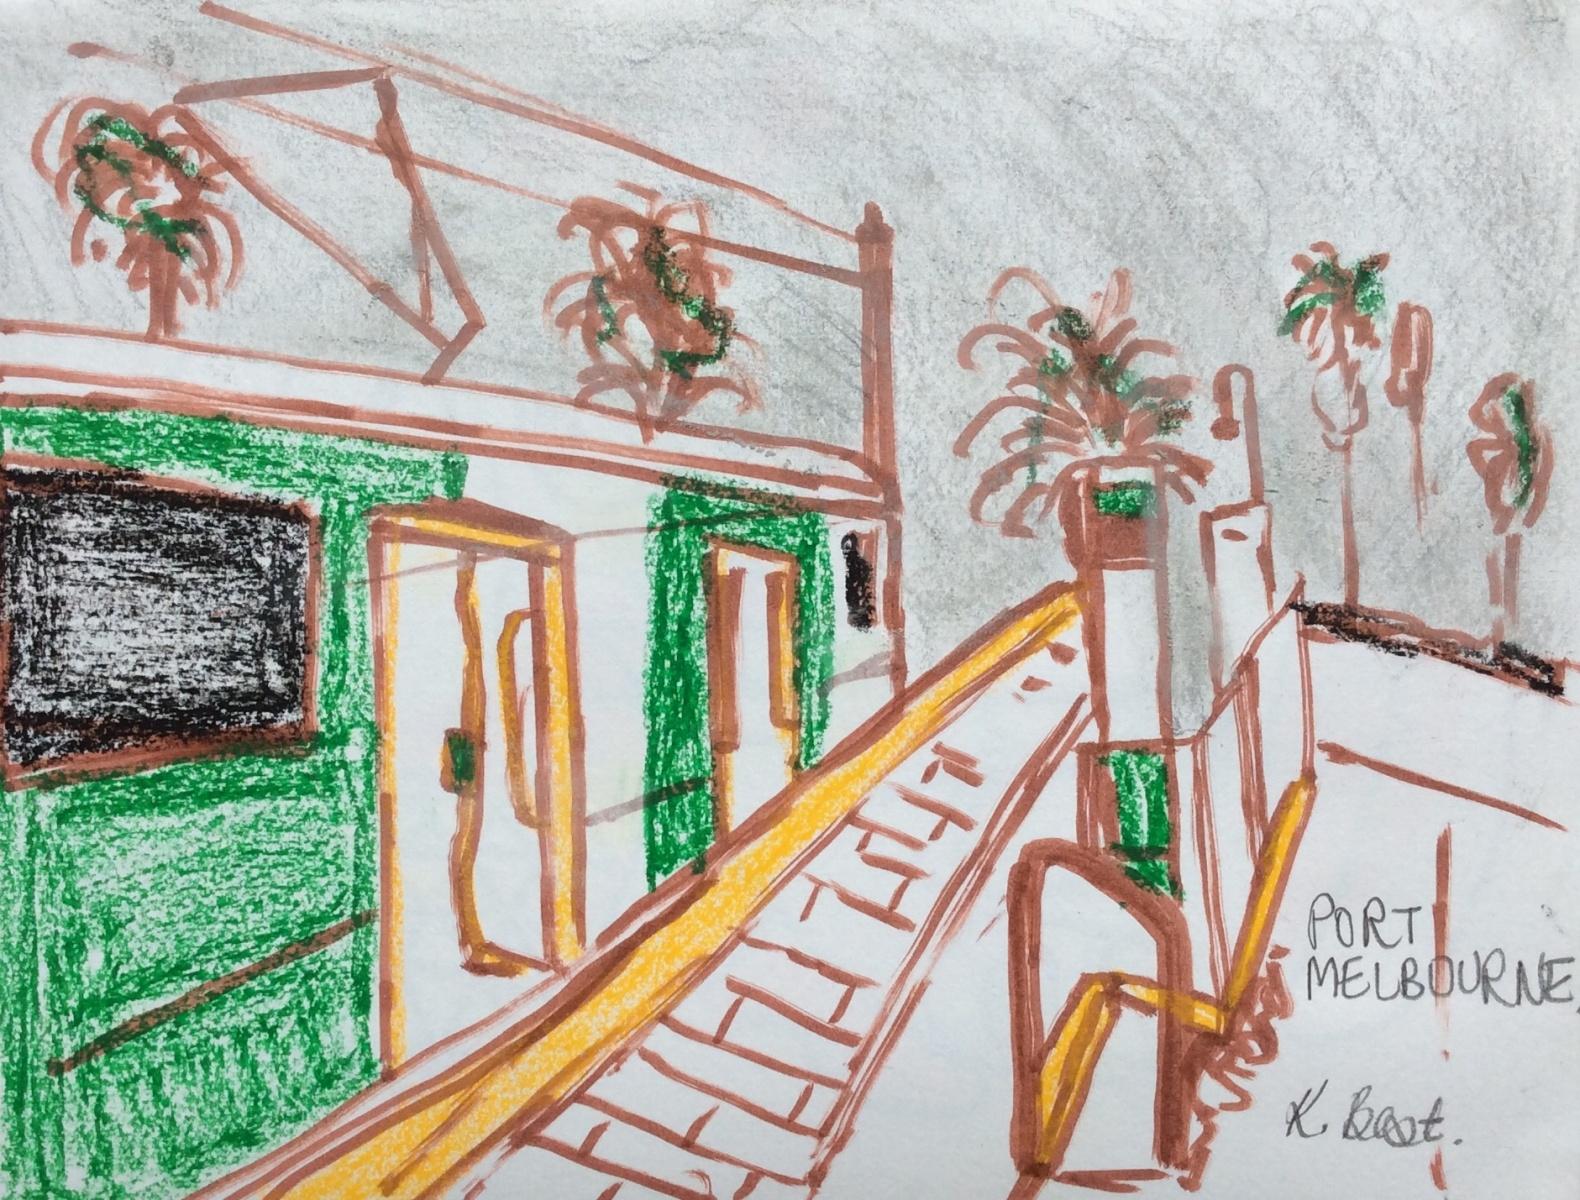 Port Melbourne Tram - Kathy Best